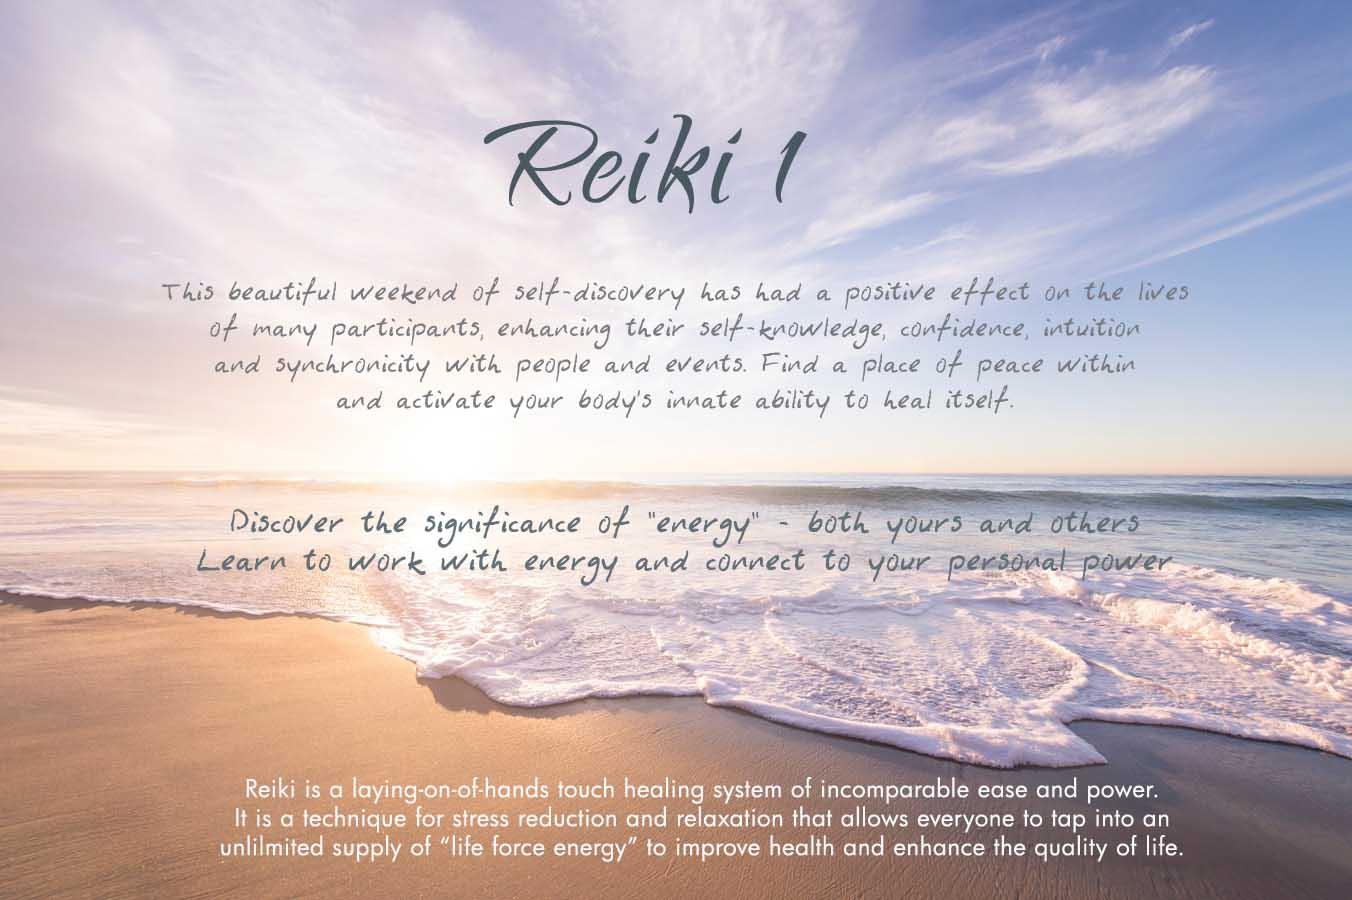 Reiki 1 Weekend Workshop